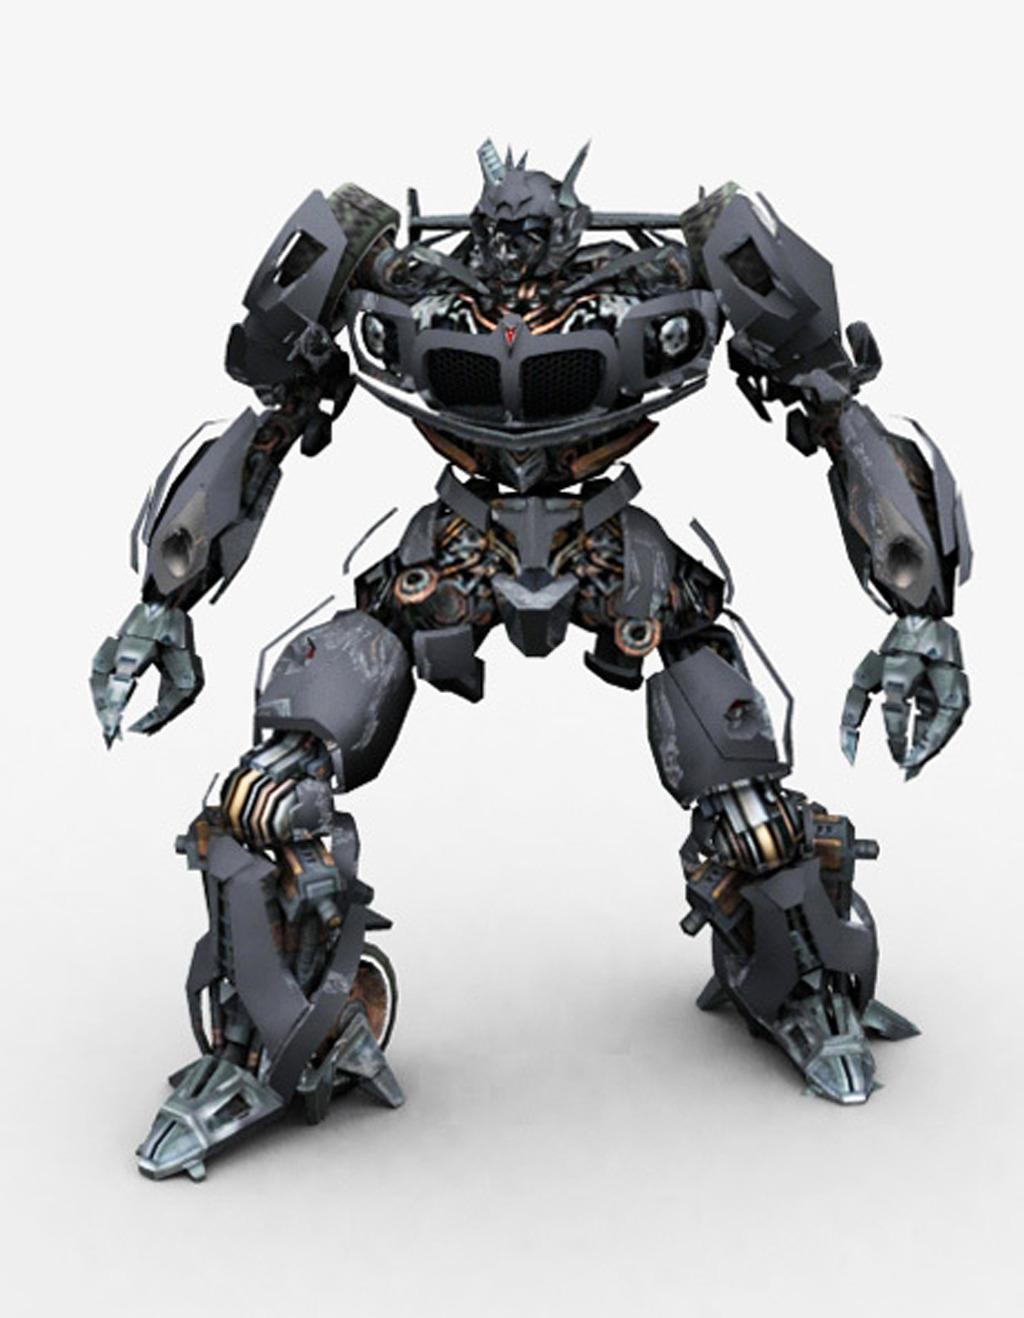 变形金刚机器人3dMax模型模板下载(图片编号